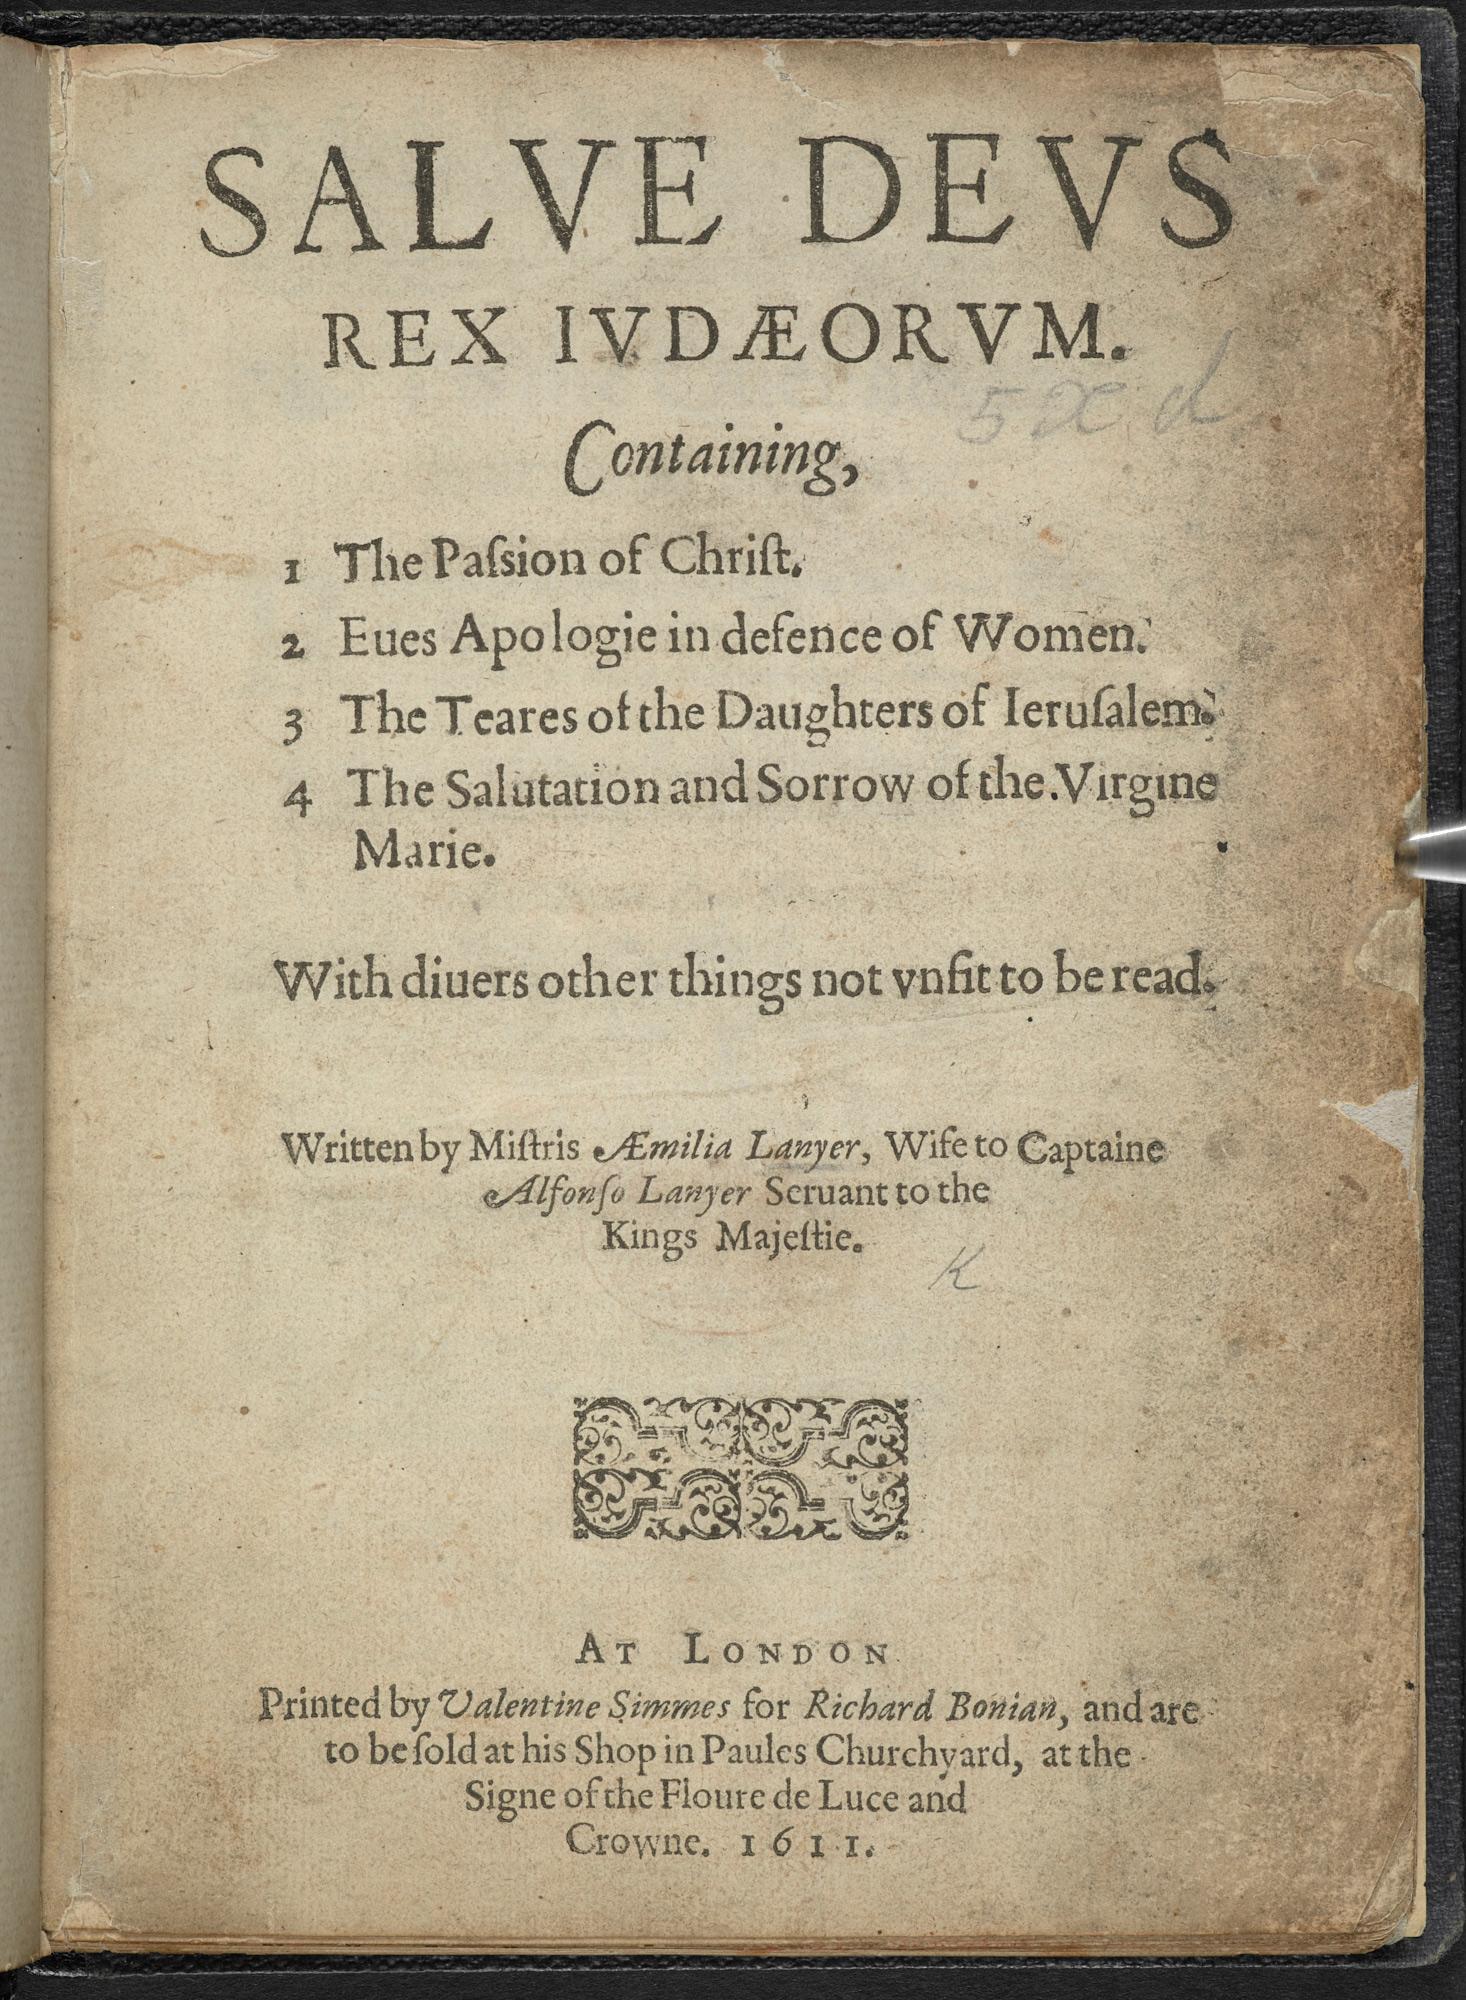 Emilia Lanier's Salve Deus Rex Judaeorum, 1611